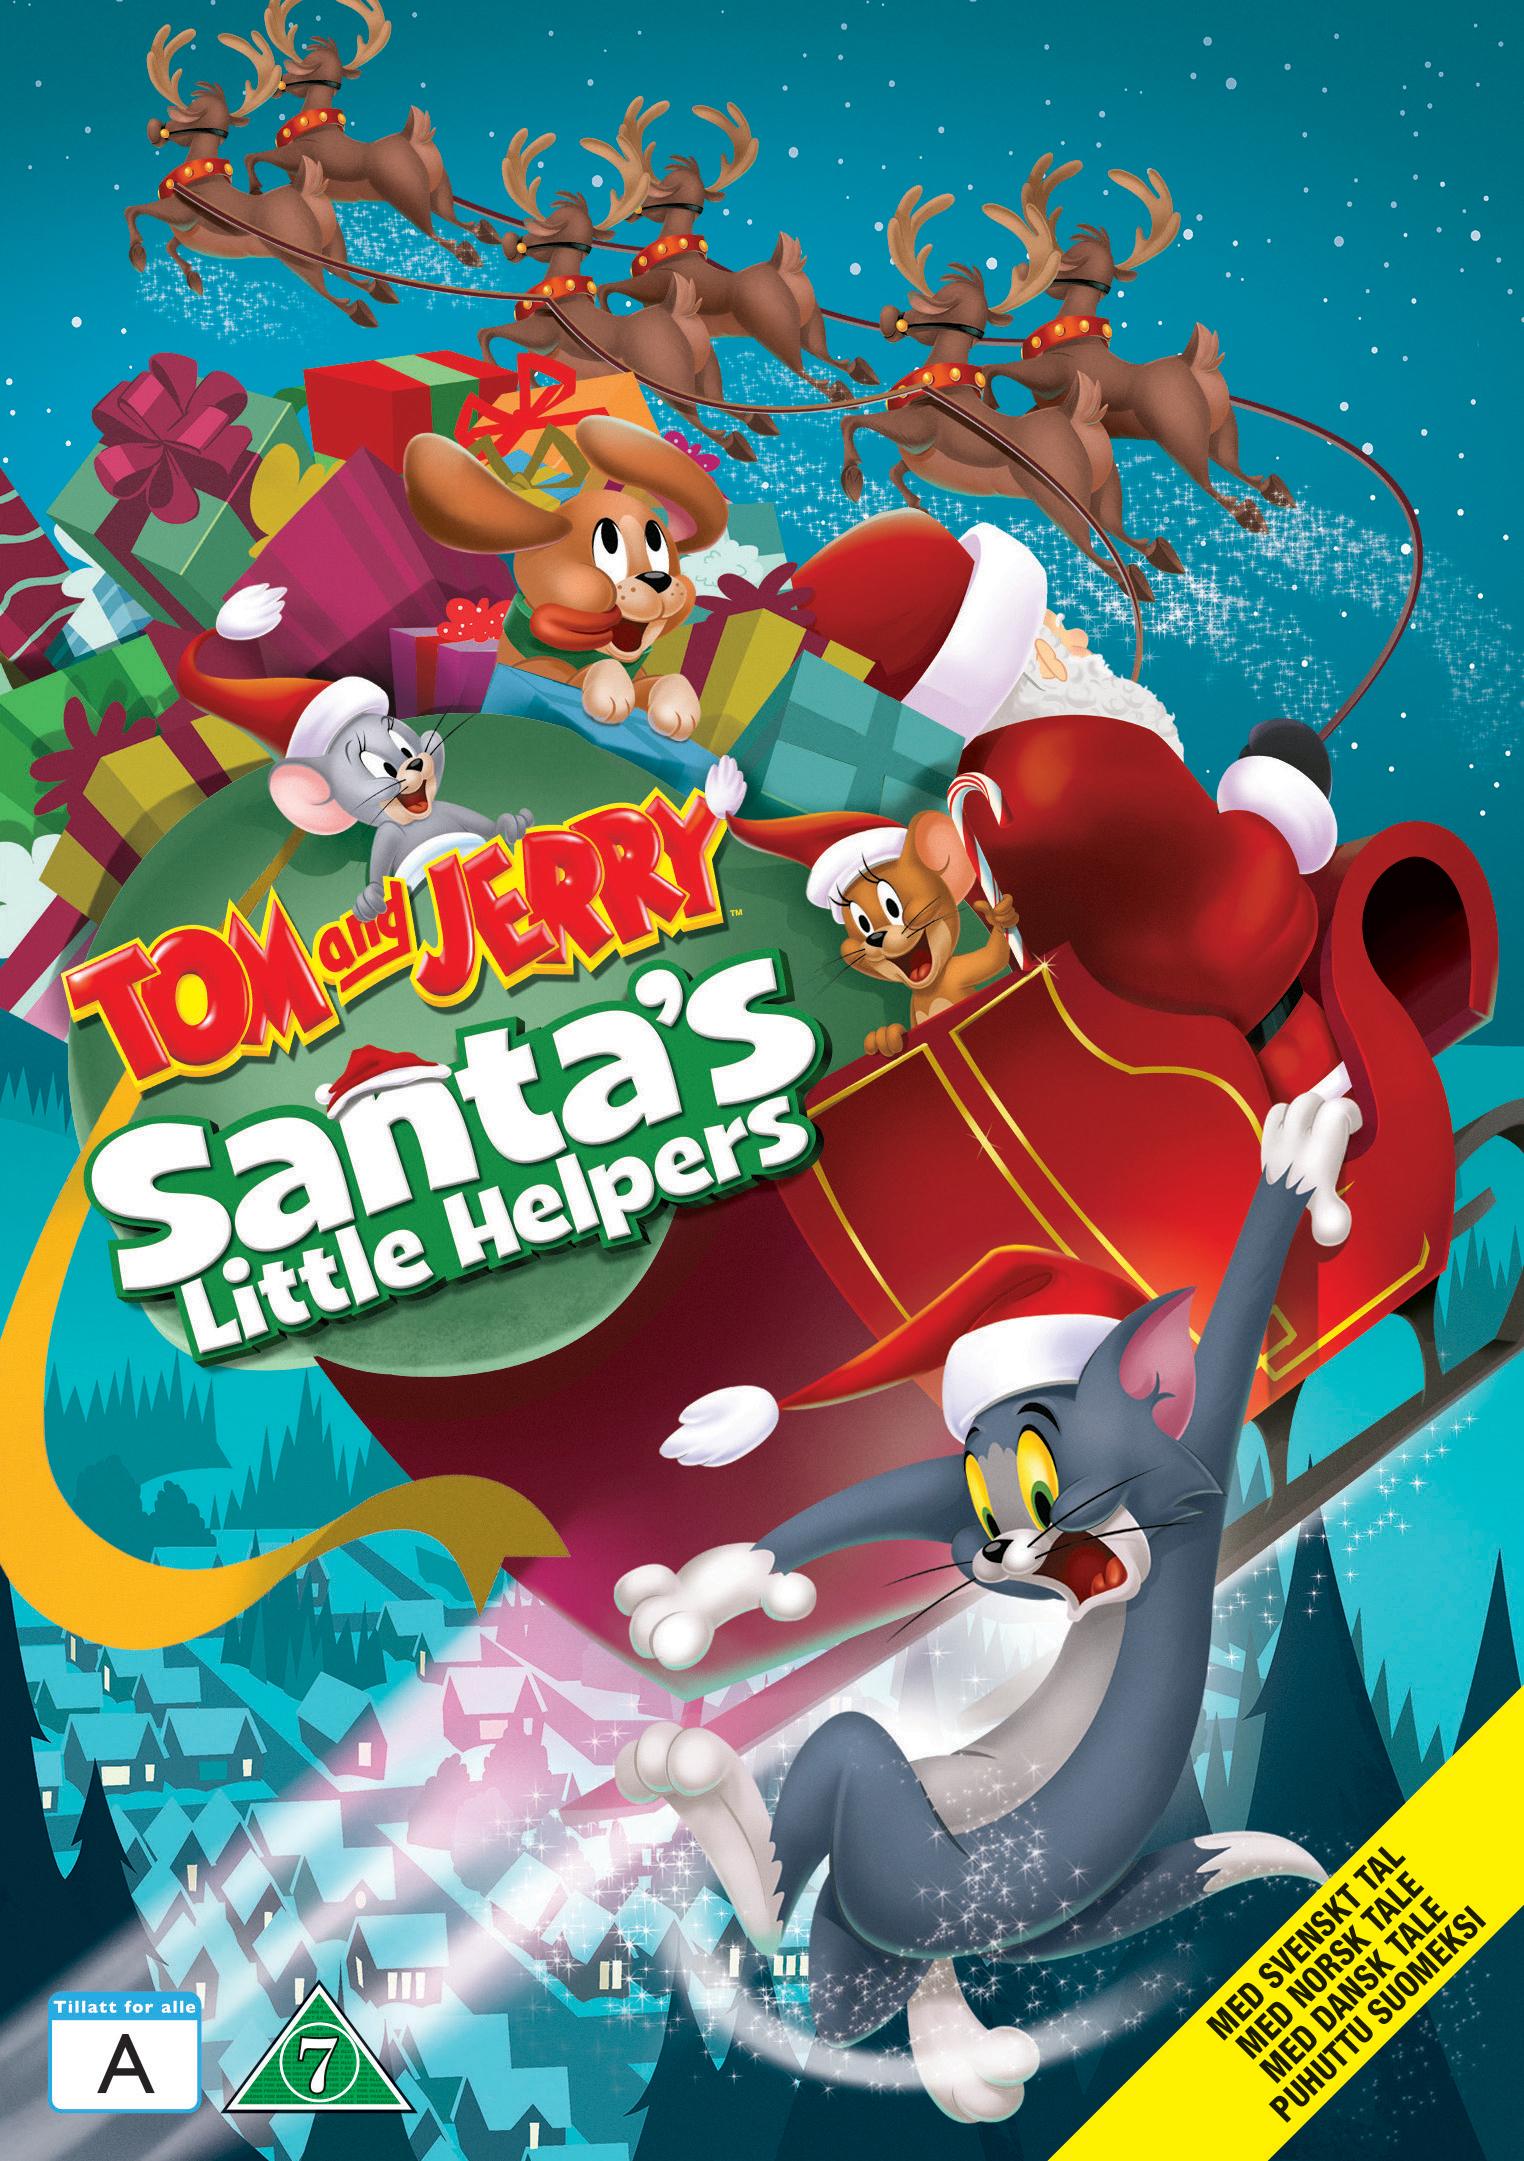 Tom Og Jerry Santa S Little Helpers